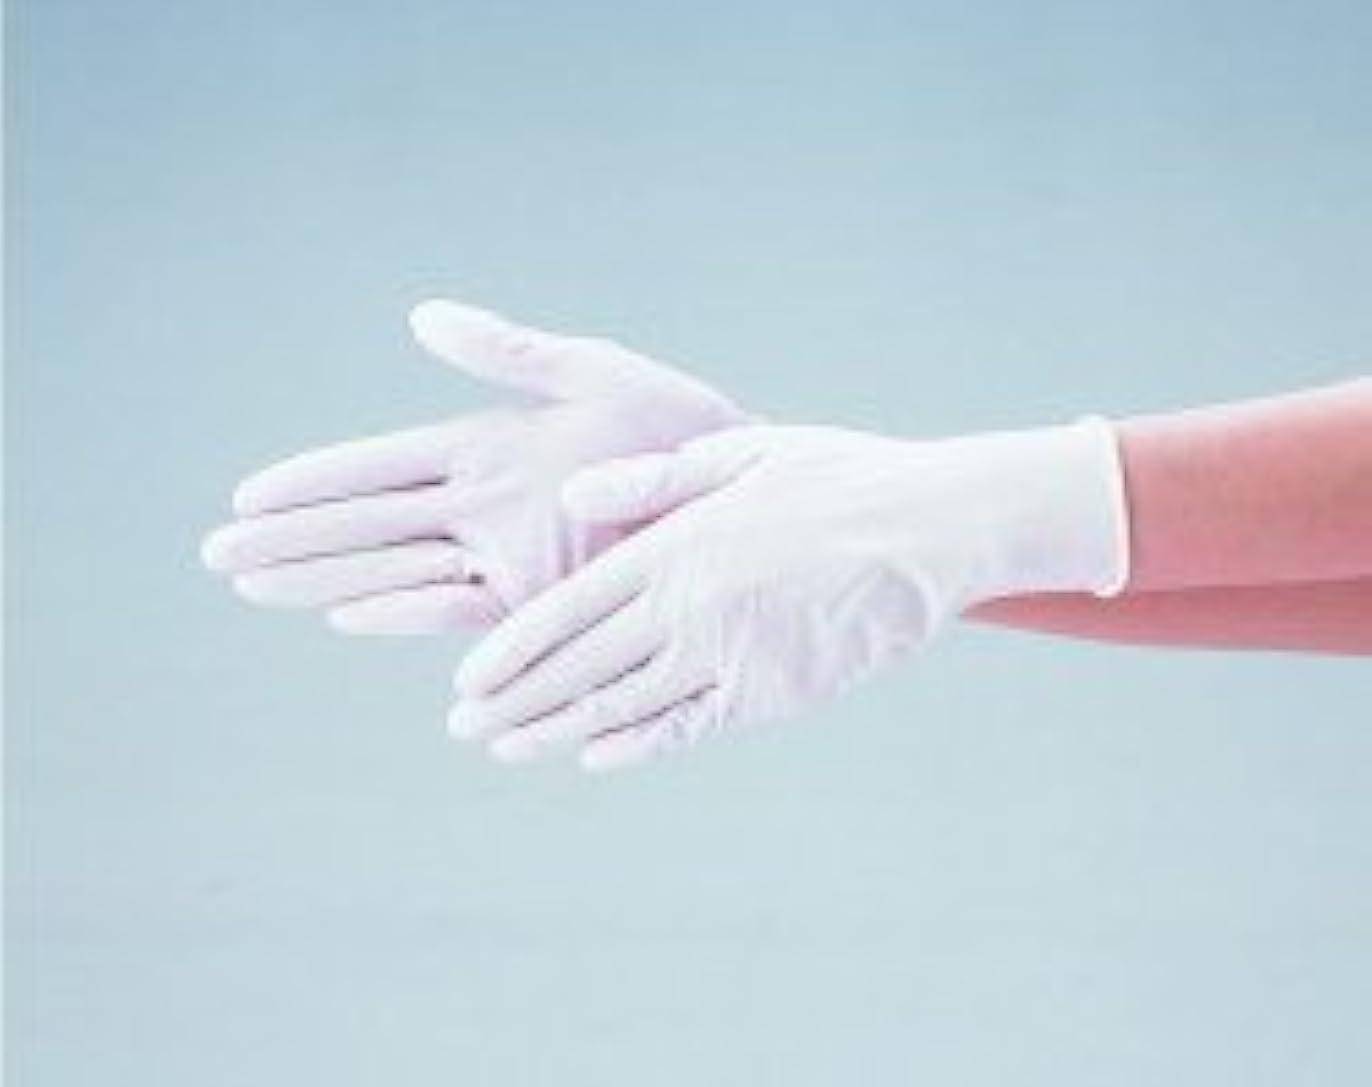 荒廃するオアシス許可するエブノ ニトリル手袋 No.525 M 白 (100枚入×20箱) ディスポニトリル パウダーフリー ホワイト